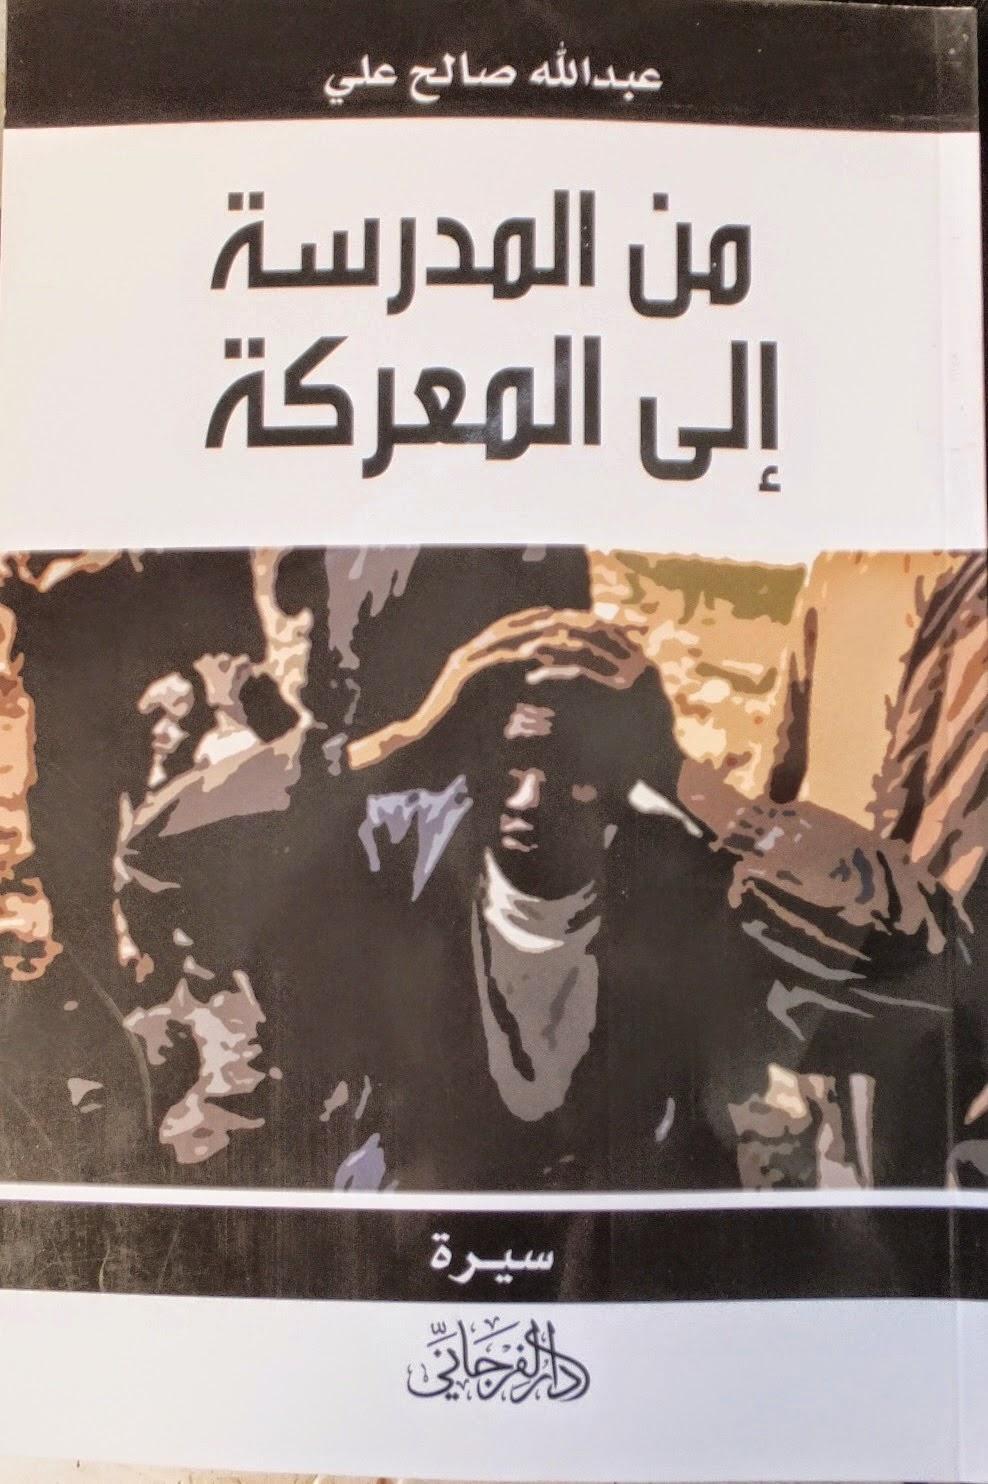 عبدالله على صالح